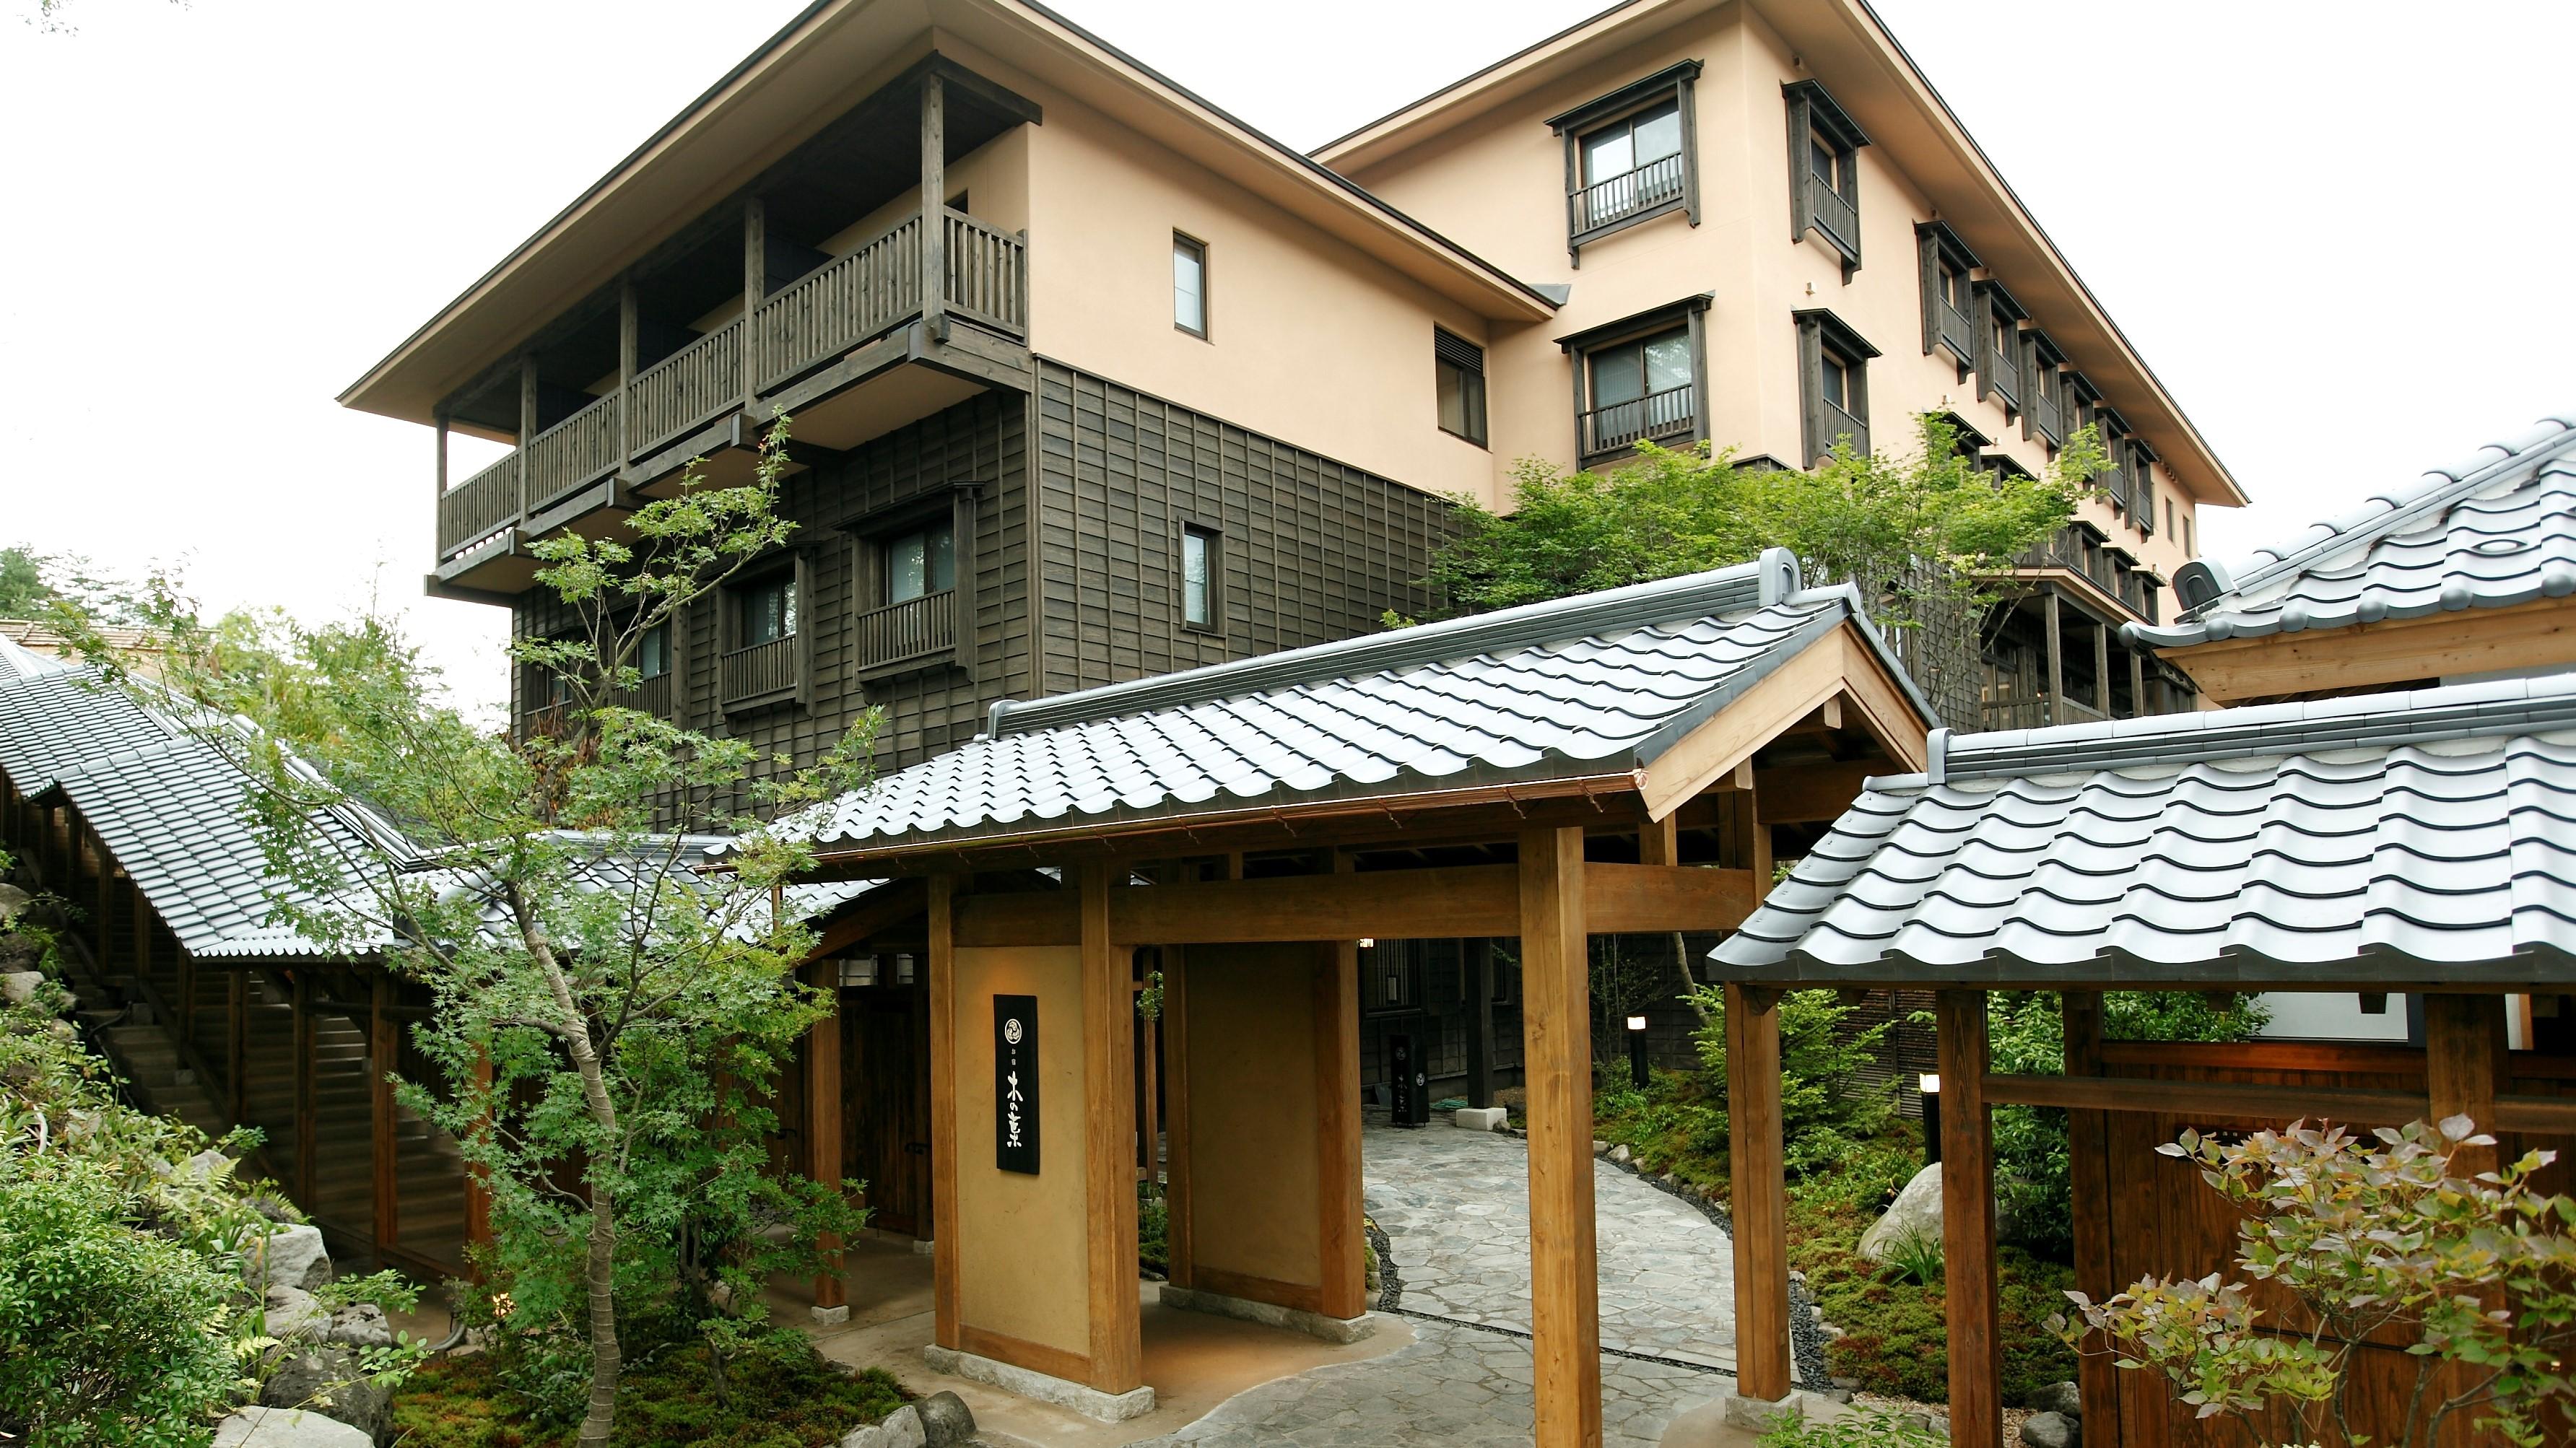 カップルが泊まれる雰囲気のいいお宿は草津温泉にありますか?